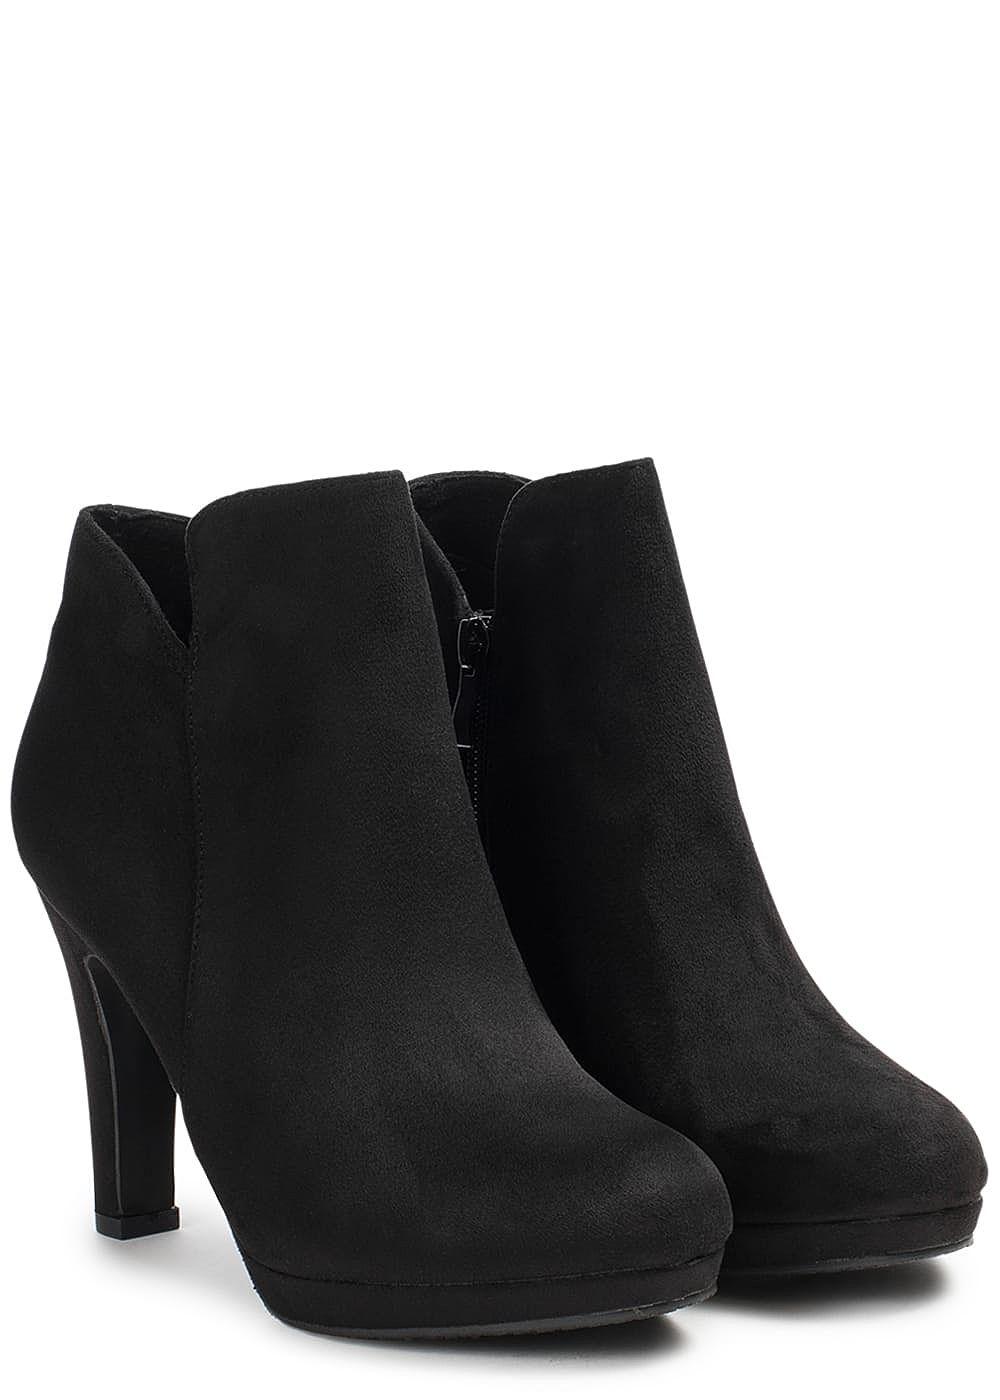 Hailys Damen Schuh Stiefelette Kunstleder Absatz: 10cm